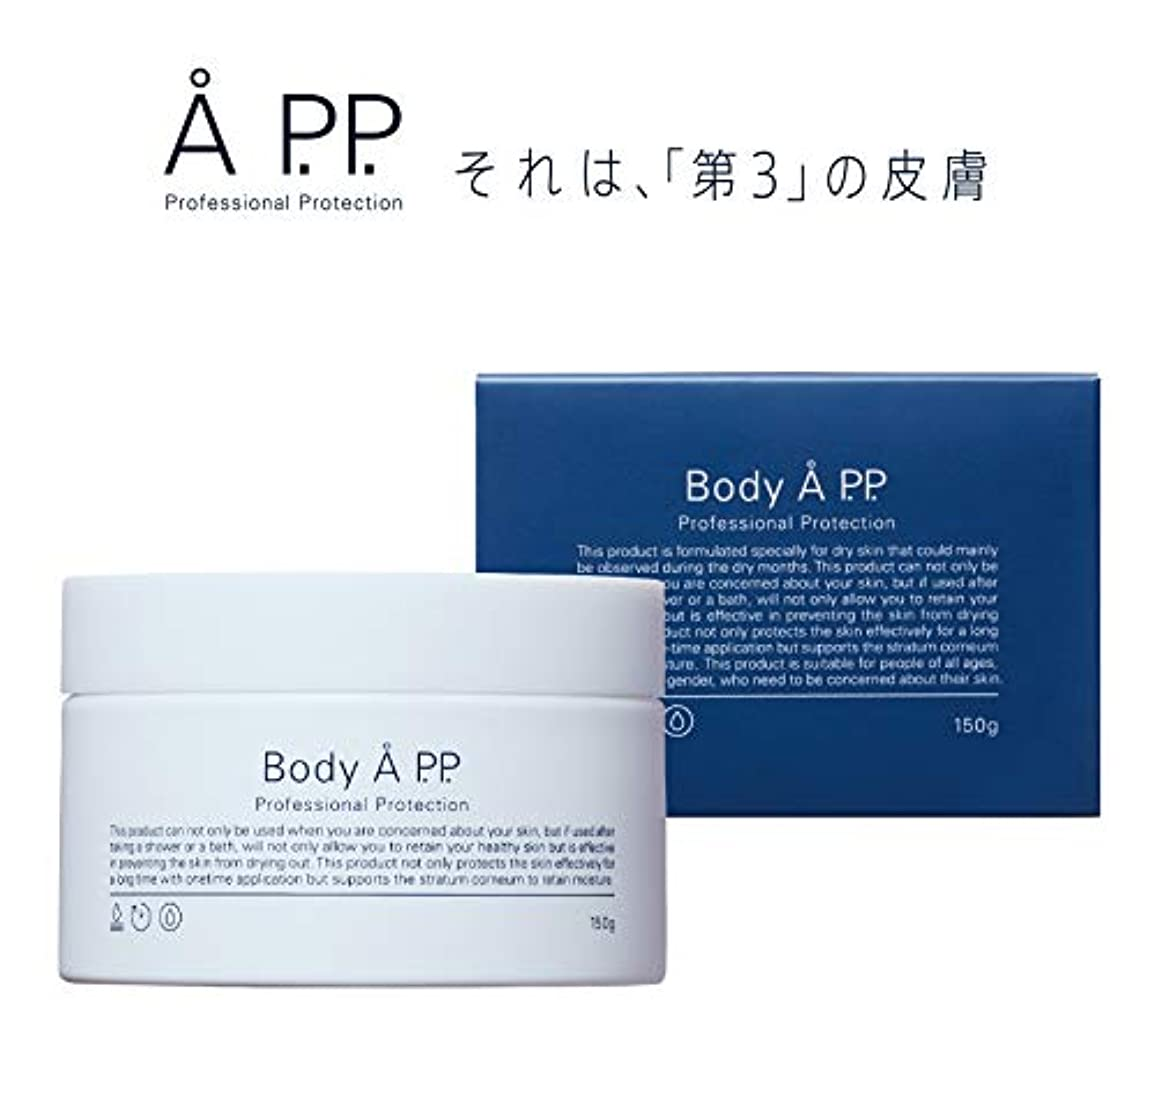 足タービン桃Body A P.P. プロフェッショナルプロテクション 高機能 ボディクリーム ボディークリーム 人気 ランキング 保湿 無香料 150g (1個)